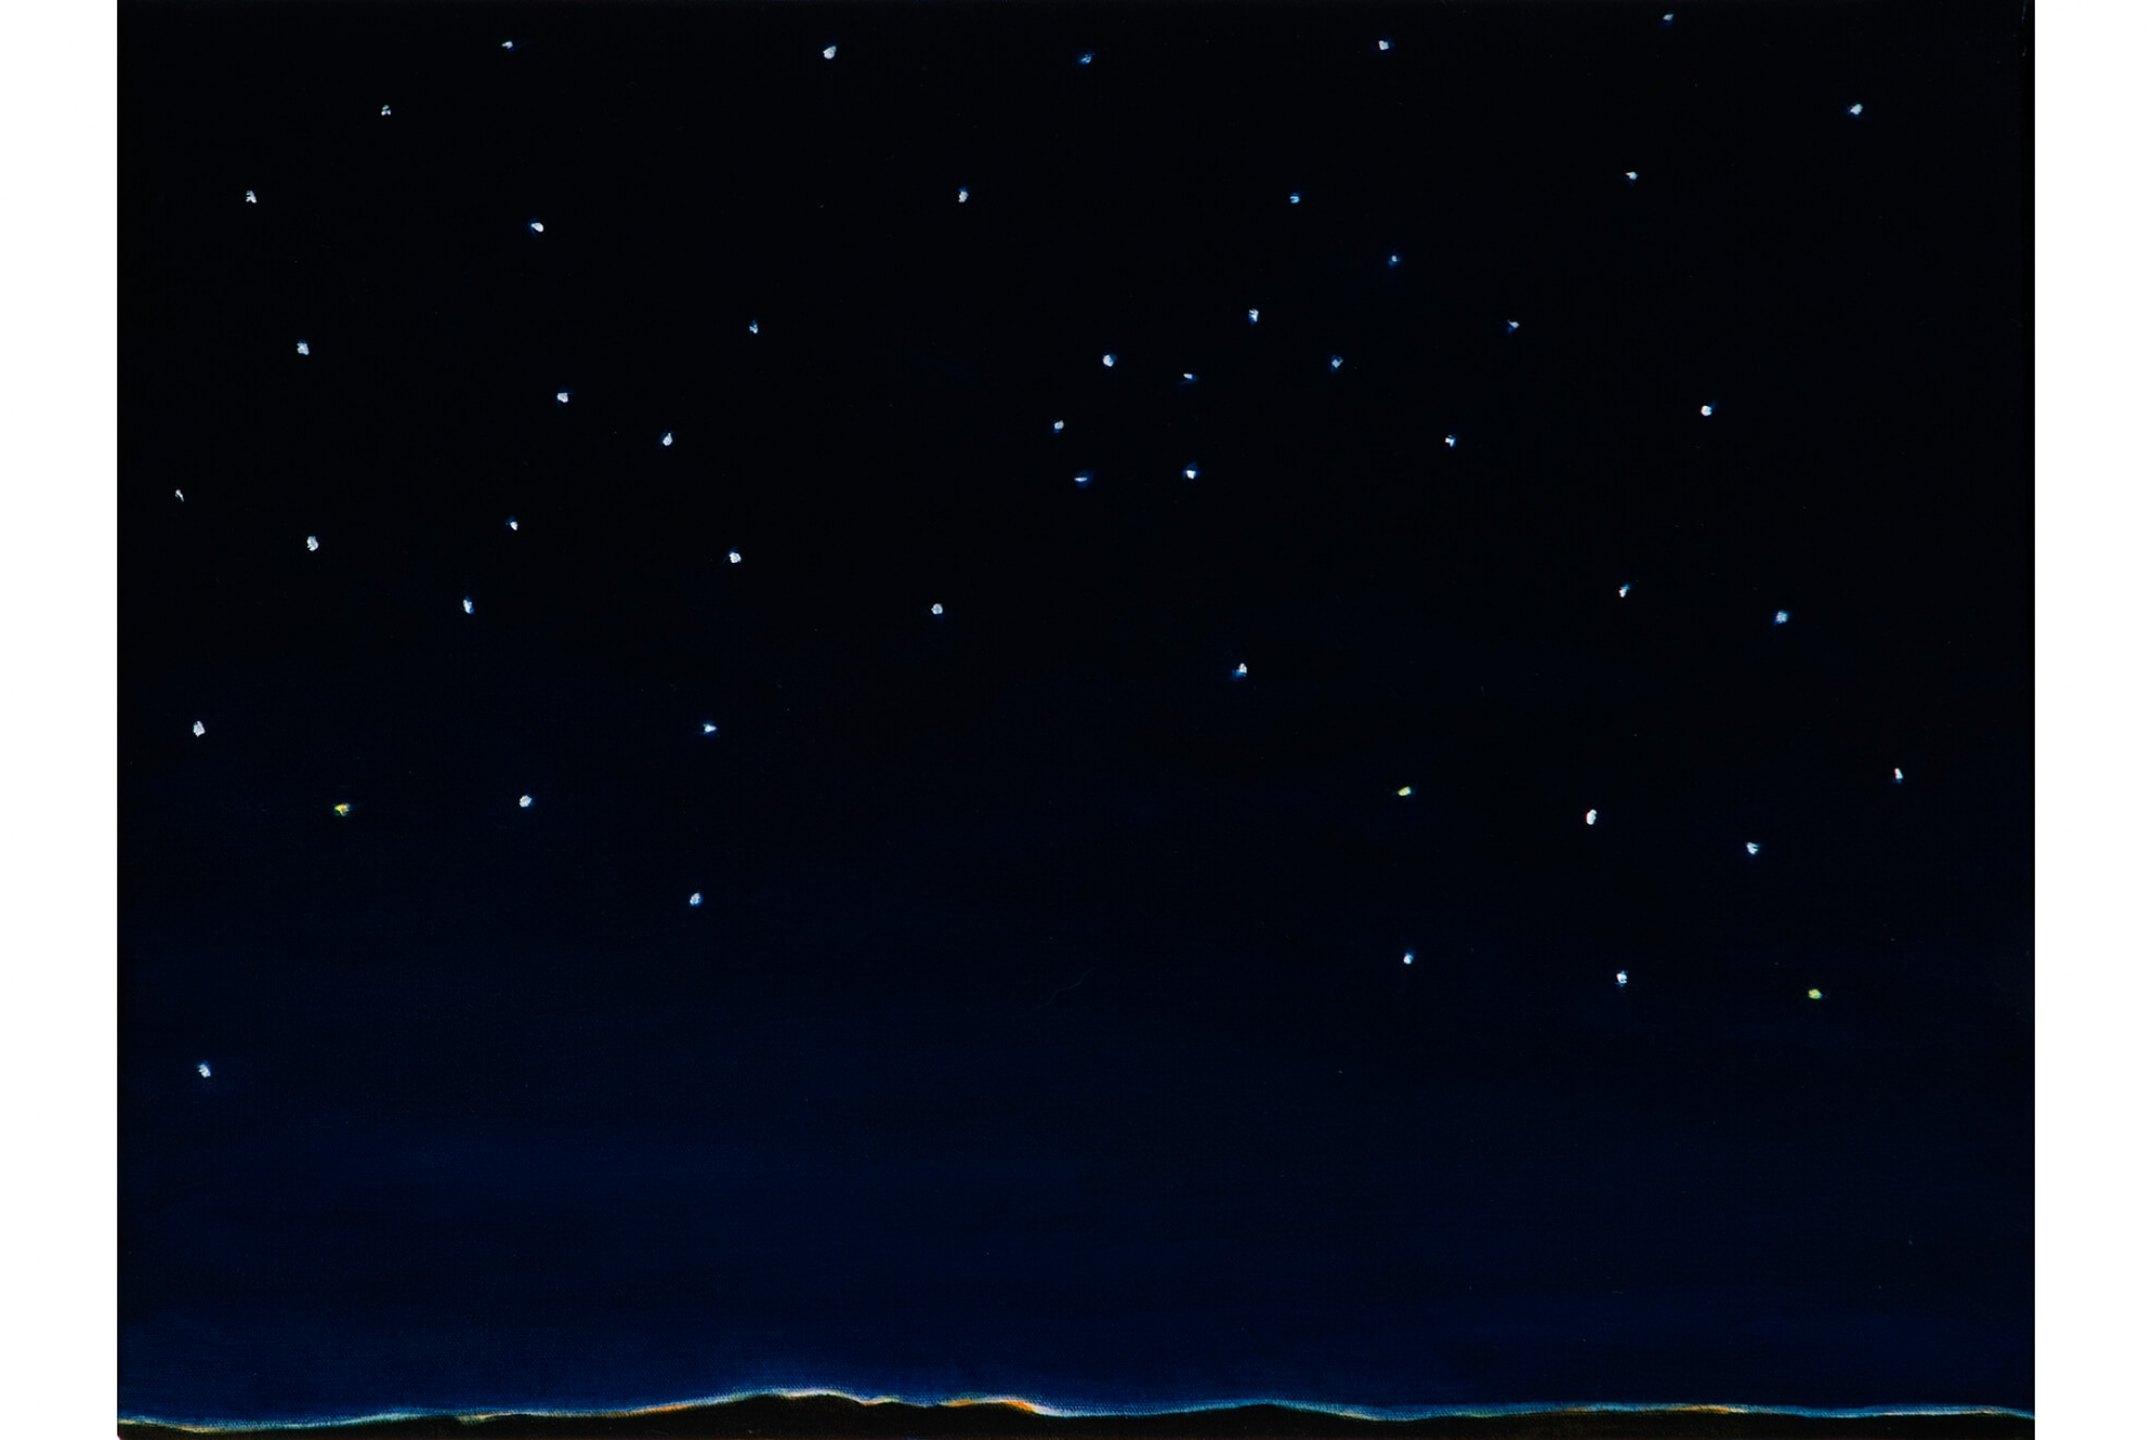 Patricia Leite, <em>Céu muito estrelado, 2009, oil on canvas, 30×40 cm</em><br><br> - Mendes Wood DM